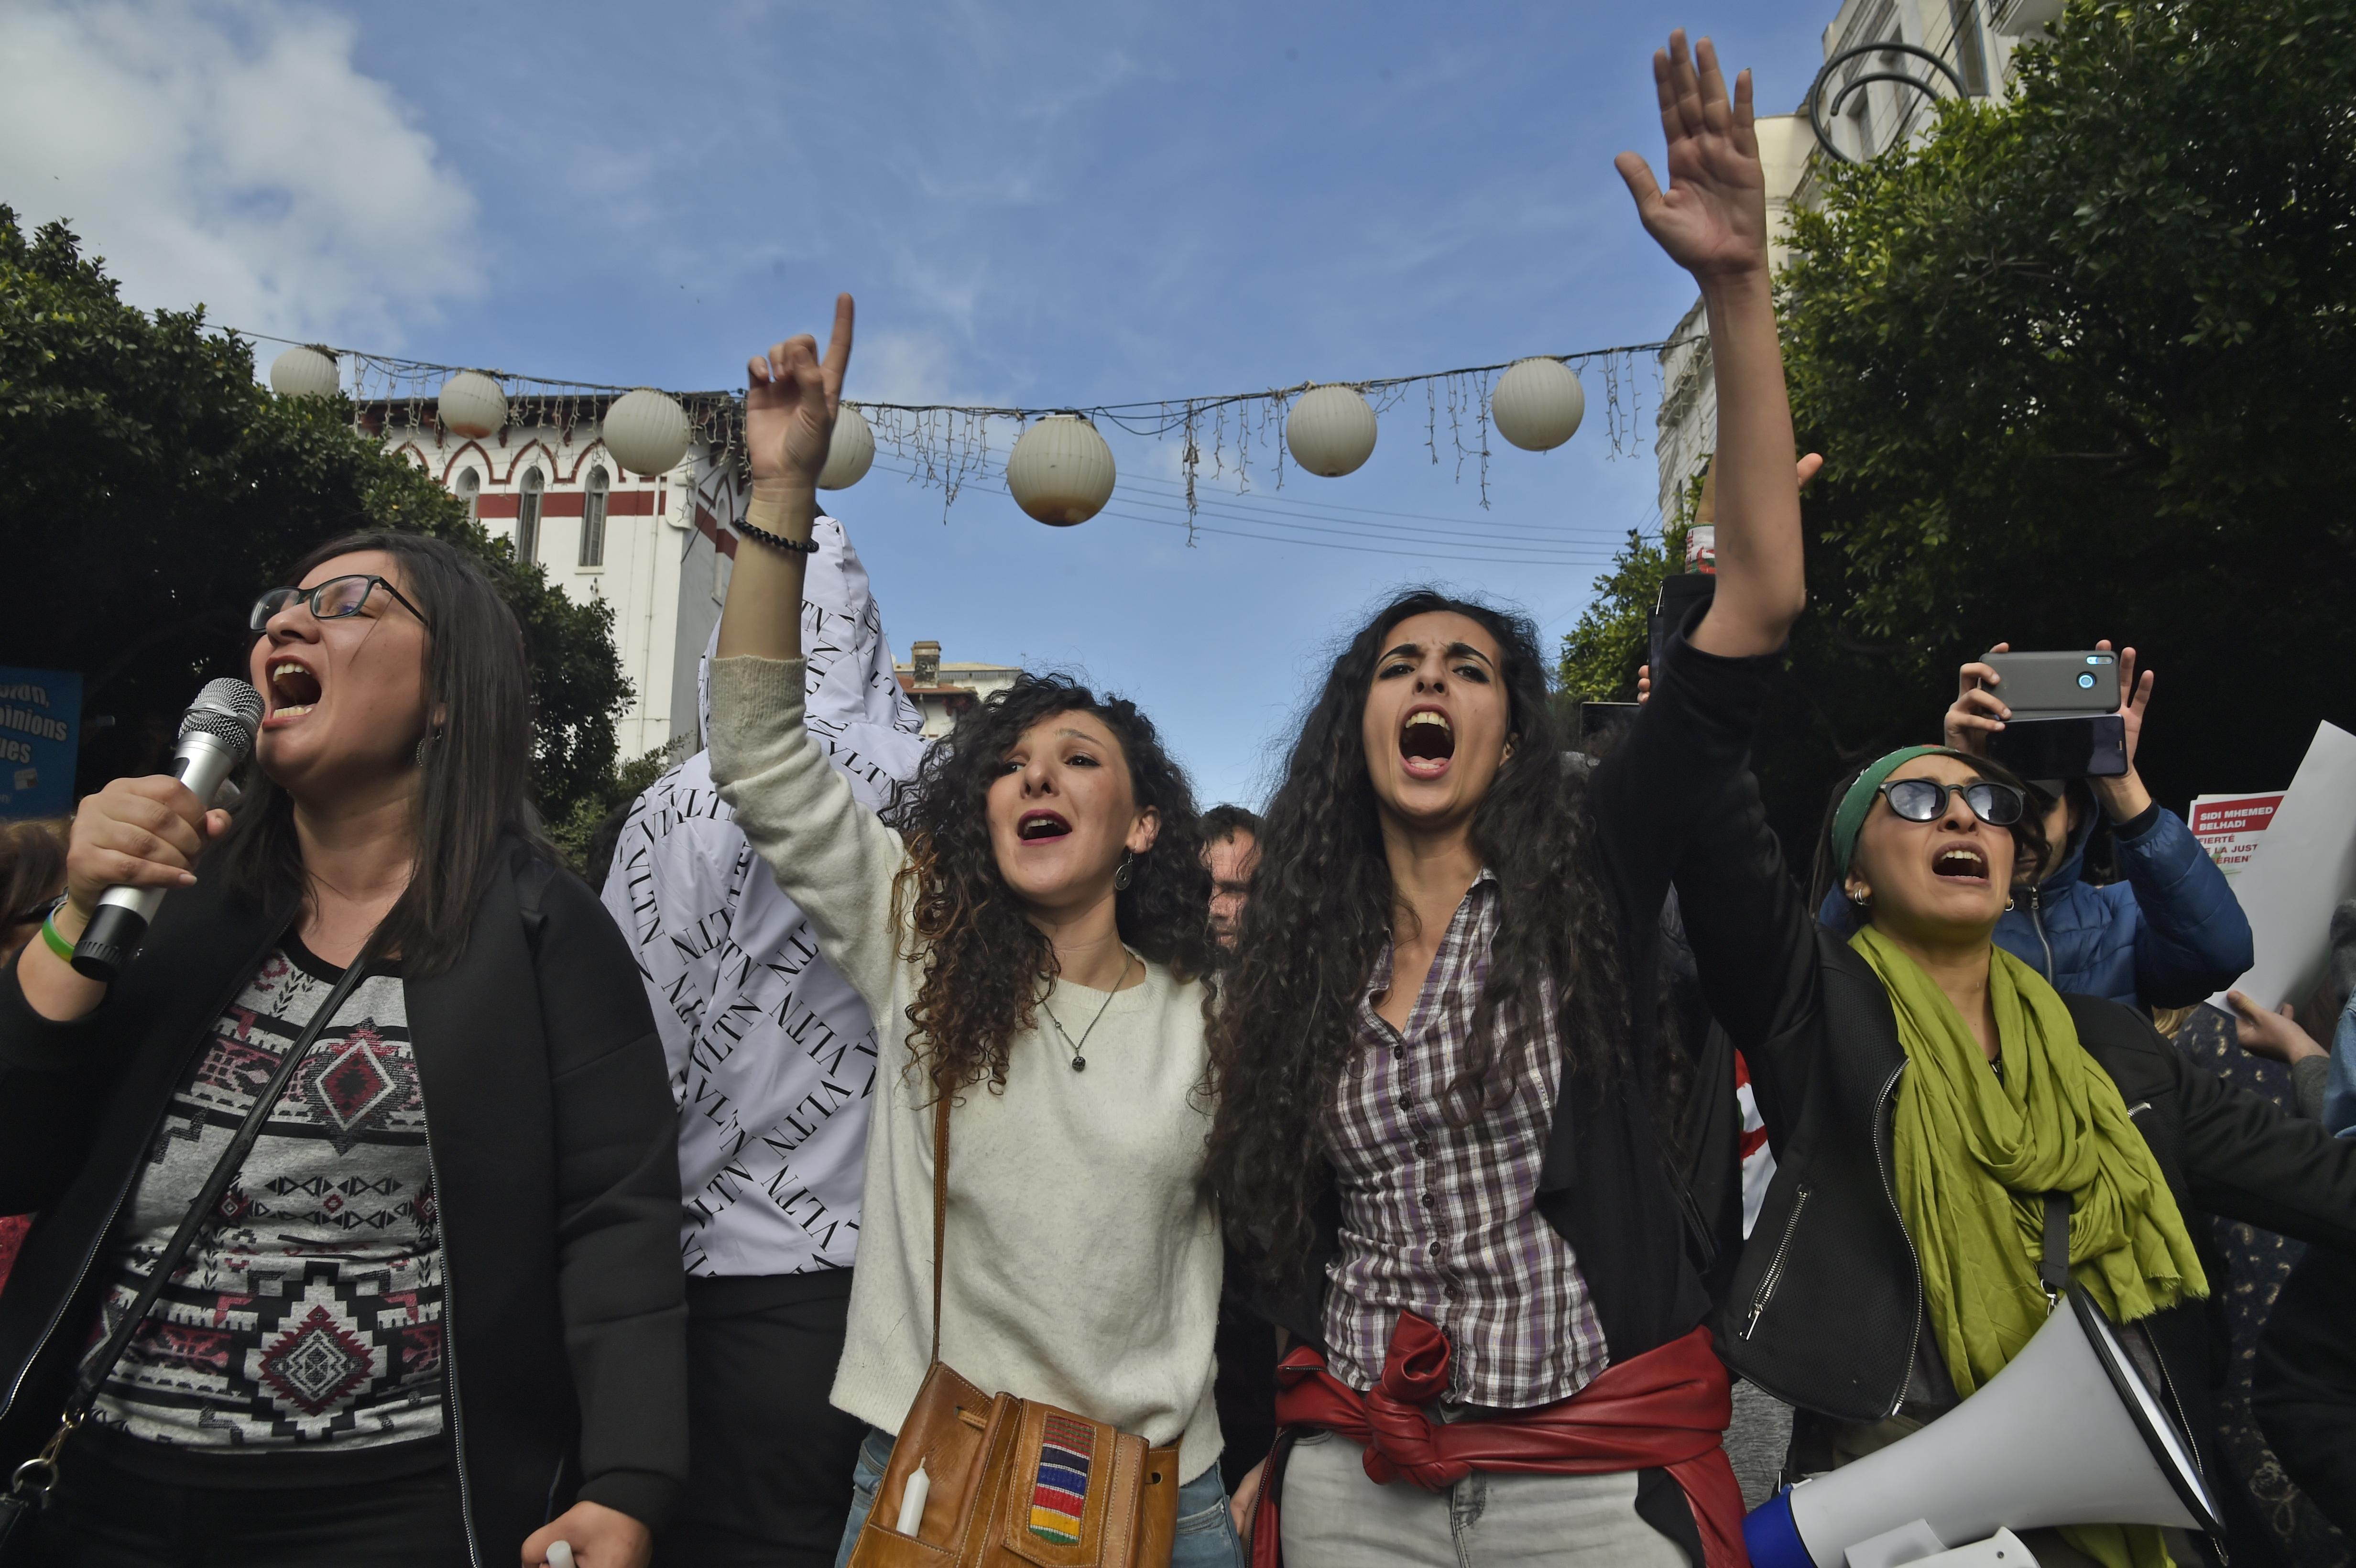 يملأ الجزائريون الشوارع كل ثلاثاء وجمعة من أجل التعبير عن رفضهم للنظام السياسي في البلاد والمطالبة بتغيير جذري